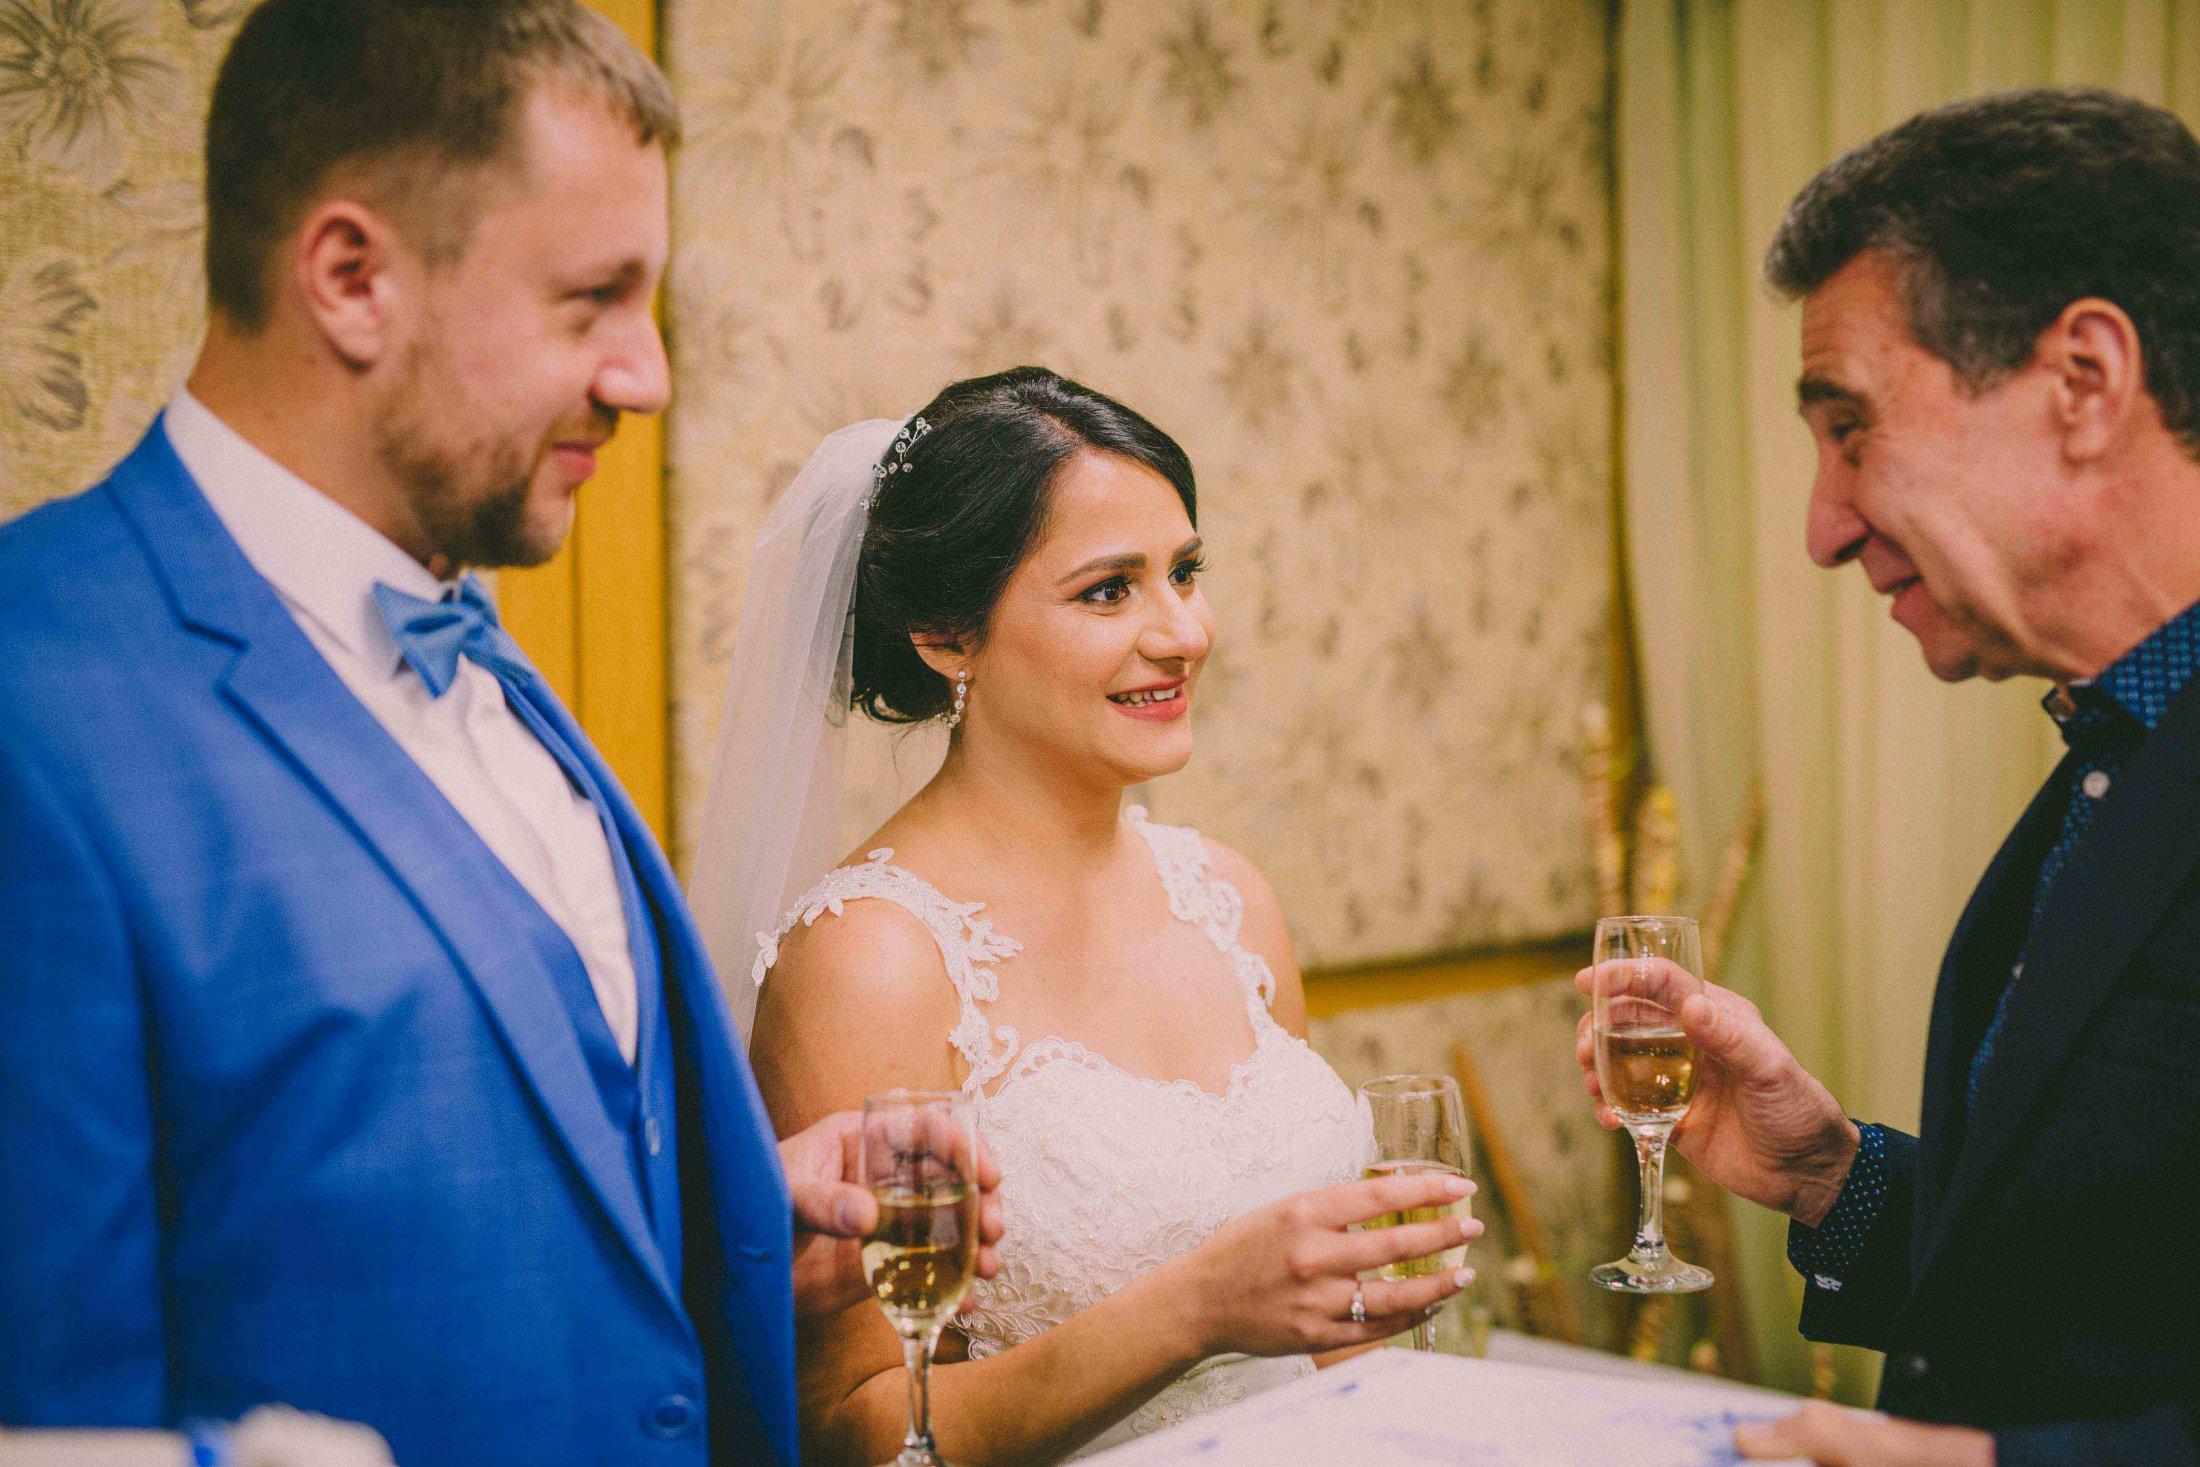 Сватбена фотография - Божидара и Николай, Кюстендил, Сватбен фотограф - Георги Матов, Студио Скайвю